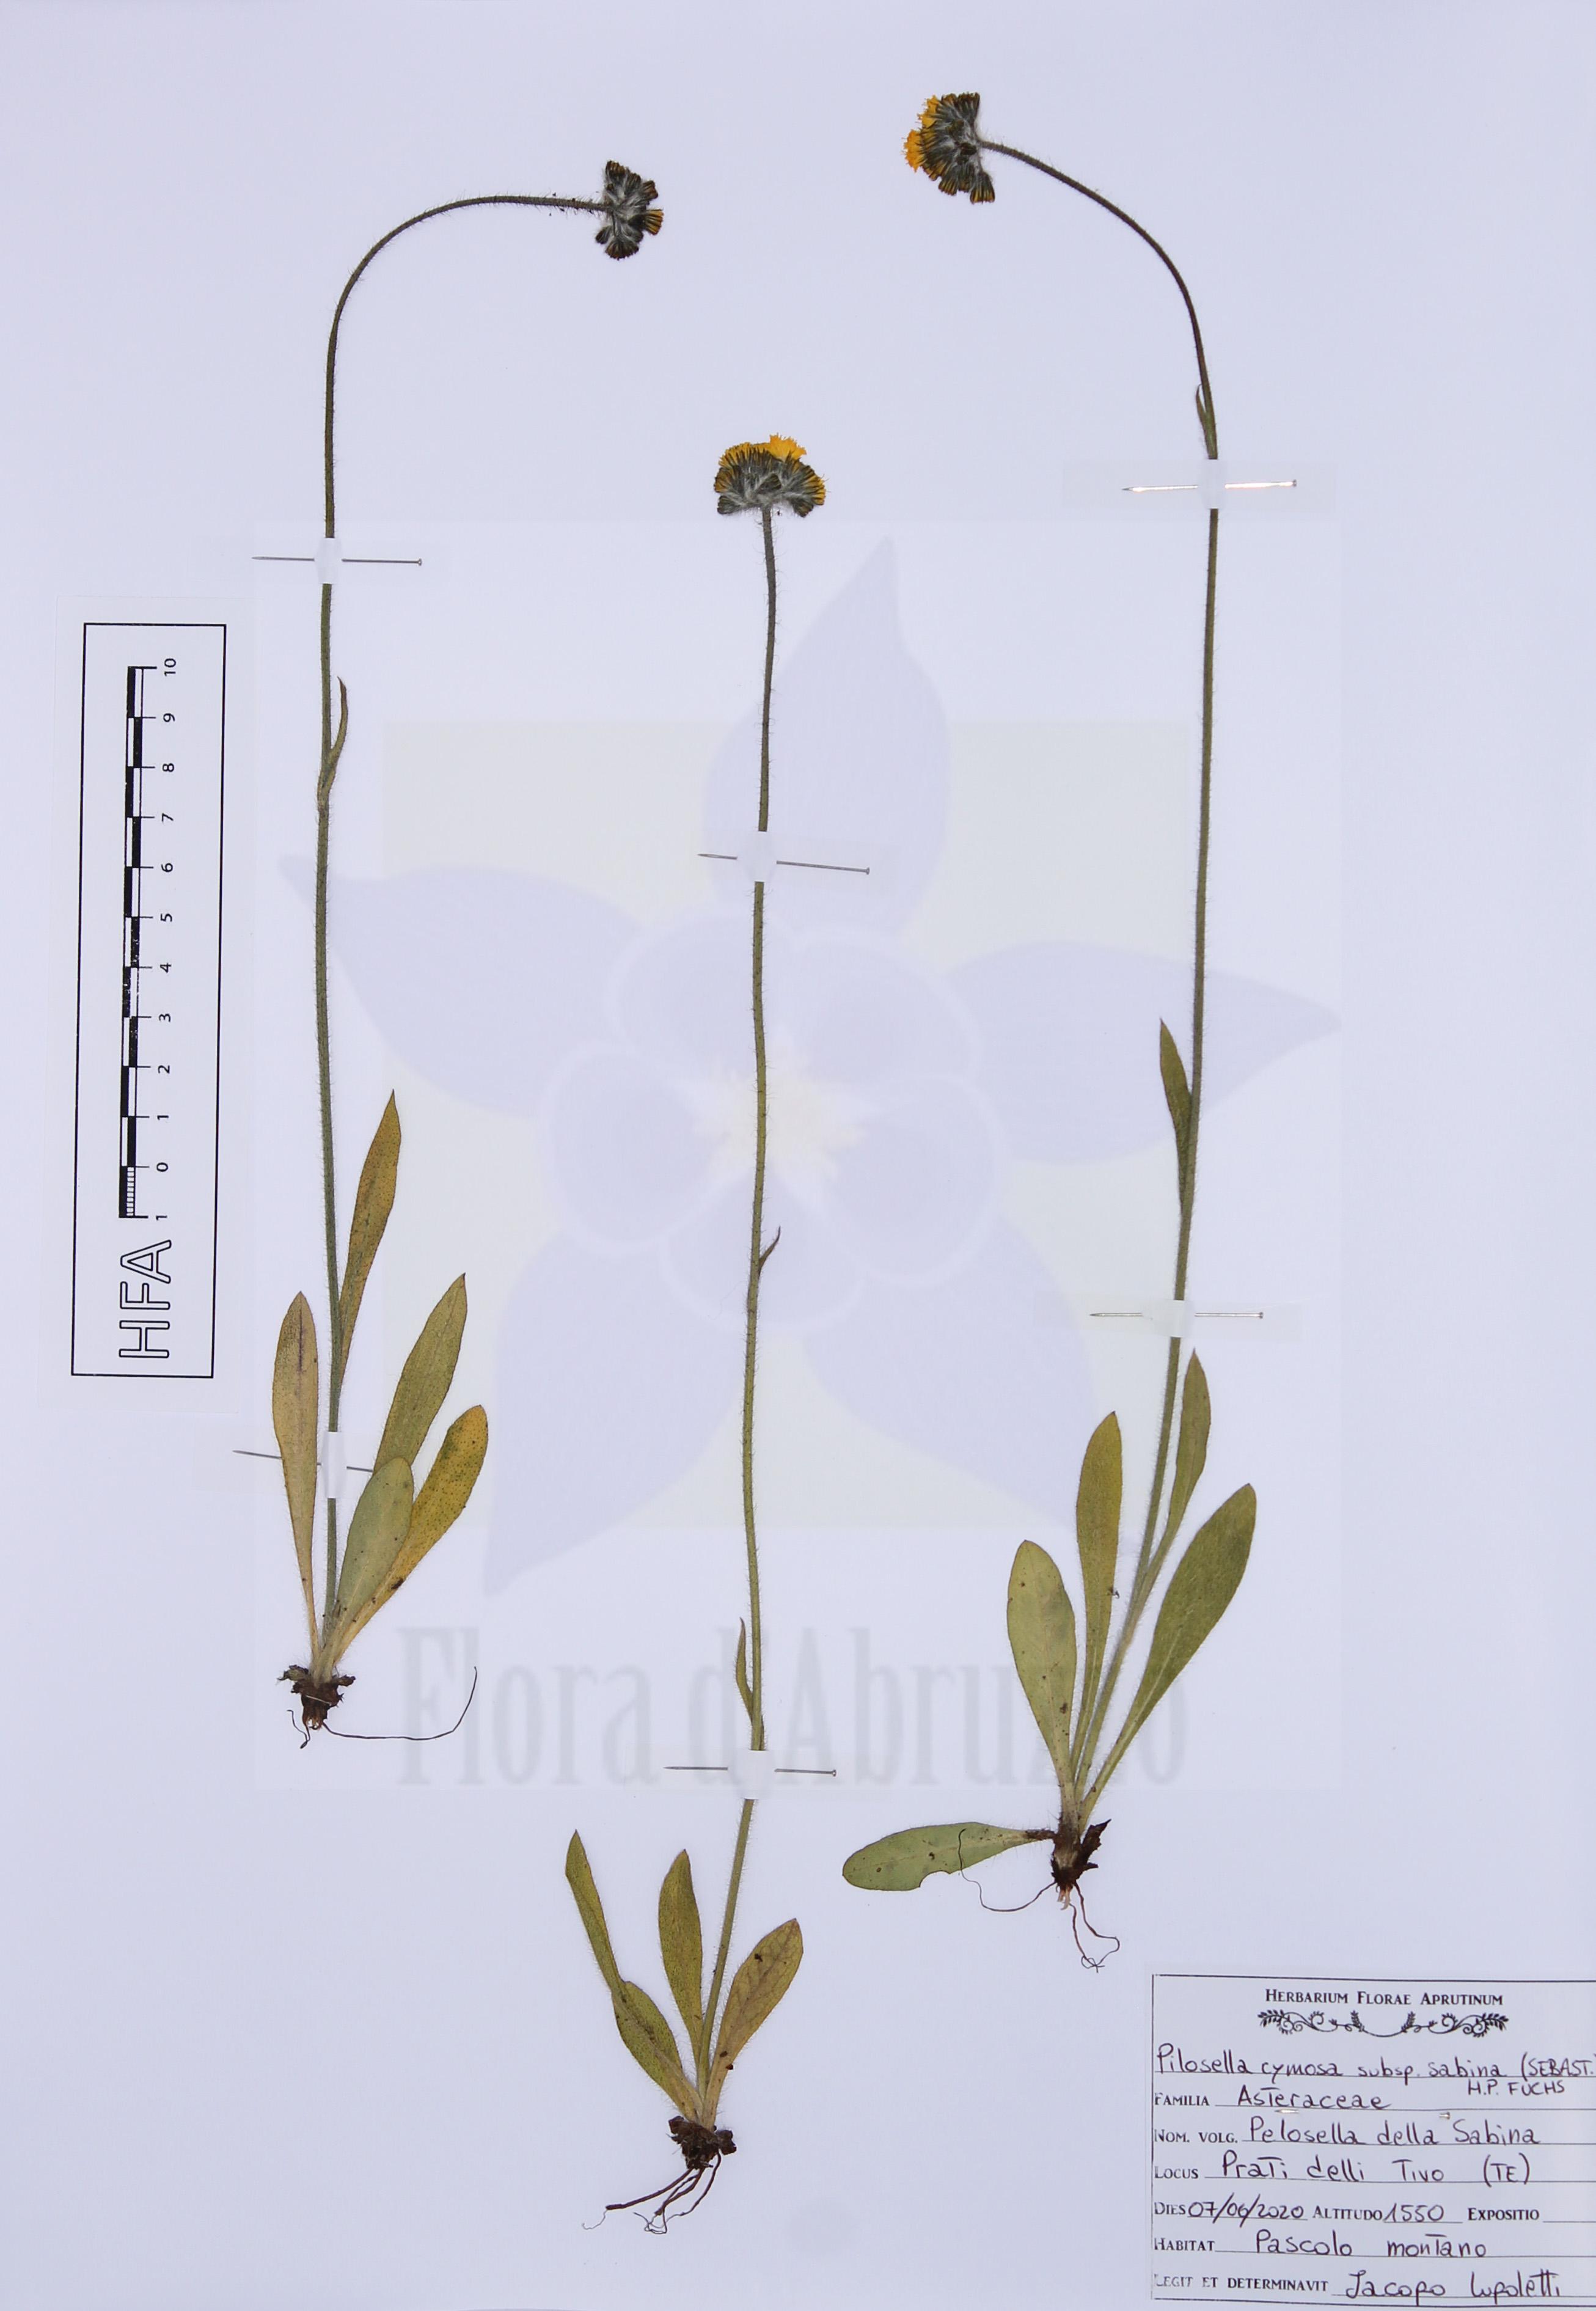 Pilosella cymosasubsp.sabina(Sebast.) H.P. Fuchs